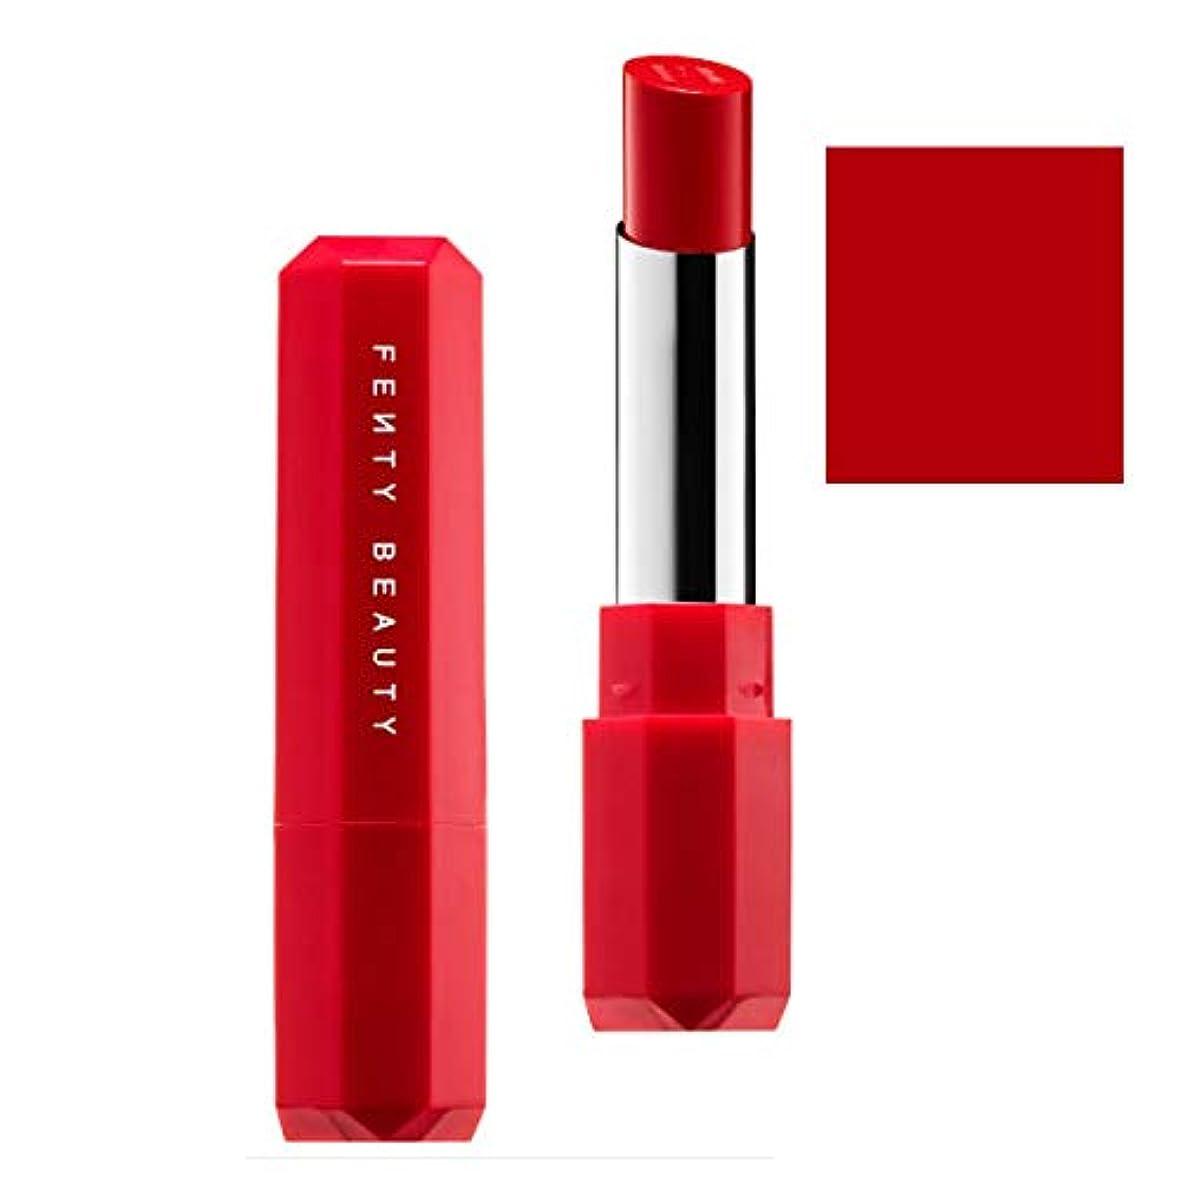 振るうにはまってエクスタシーFENTY BEAUTY BY RIHANNA,New!!, 限定版 limited-edition, Poutsicle Juicy Satin Lipstick - Hot Blooded [海外直送品] [並行輸入品]